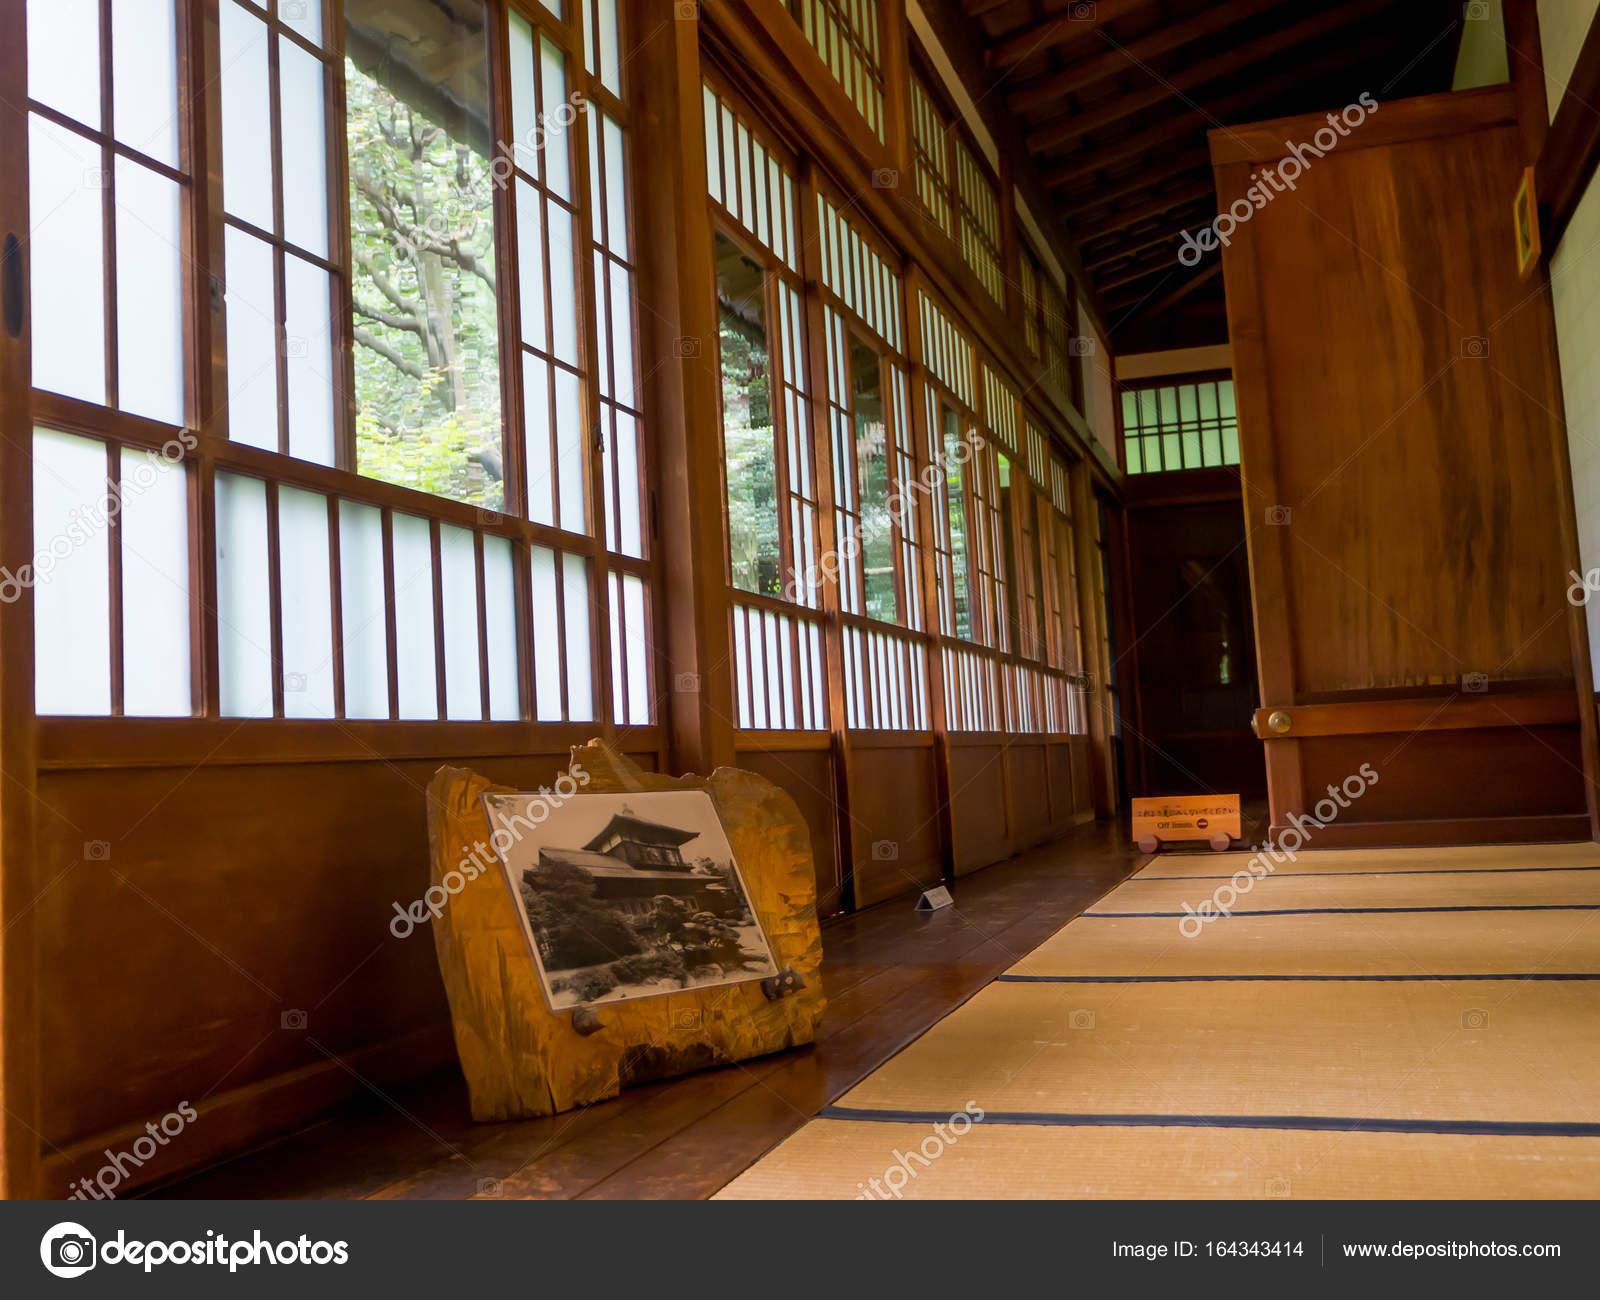 Kyoto Japan 5 Juli 2017 Ein Raum Mit Tatami Matten In